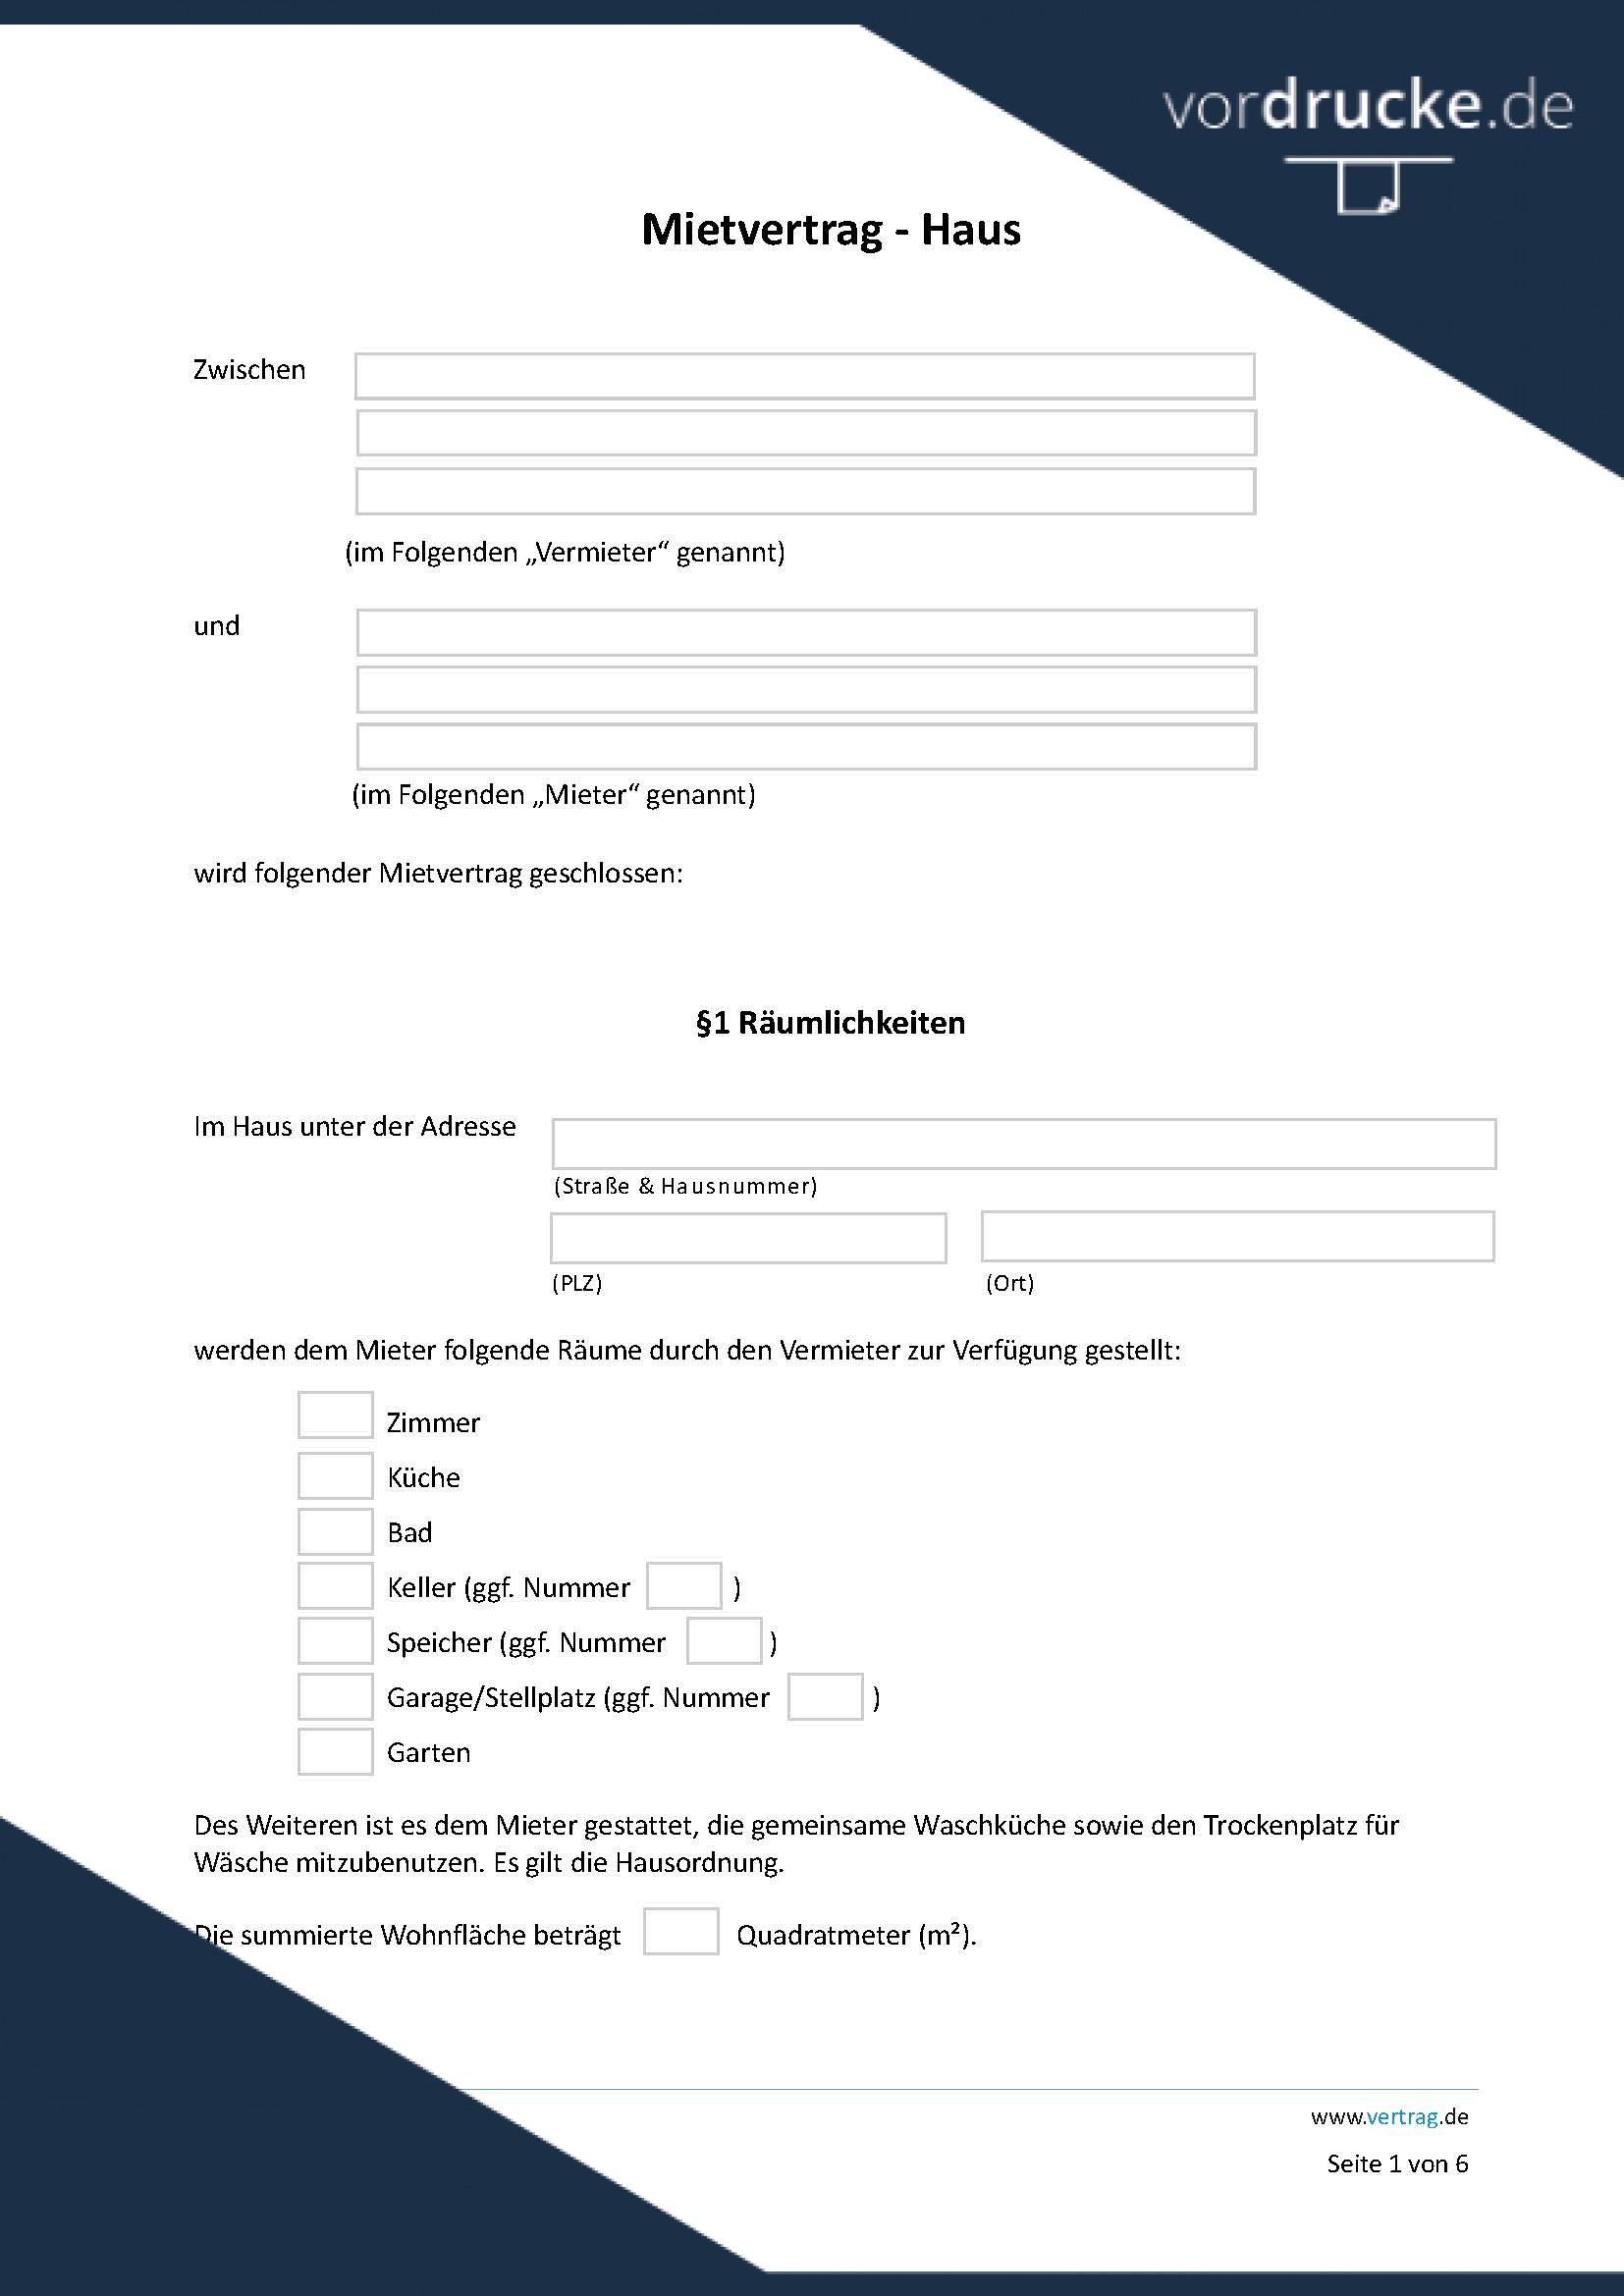 Mietvertrag Vorlage Kostenlos Deutschland : mietvertrag, vorlage, kostenlos, deutschland, Unbefristeter, Mietvertrag